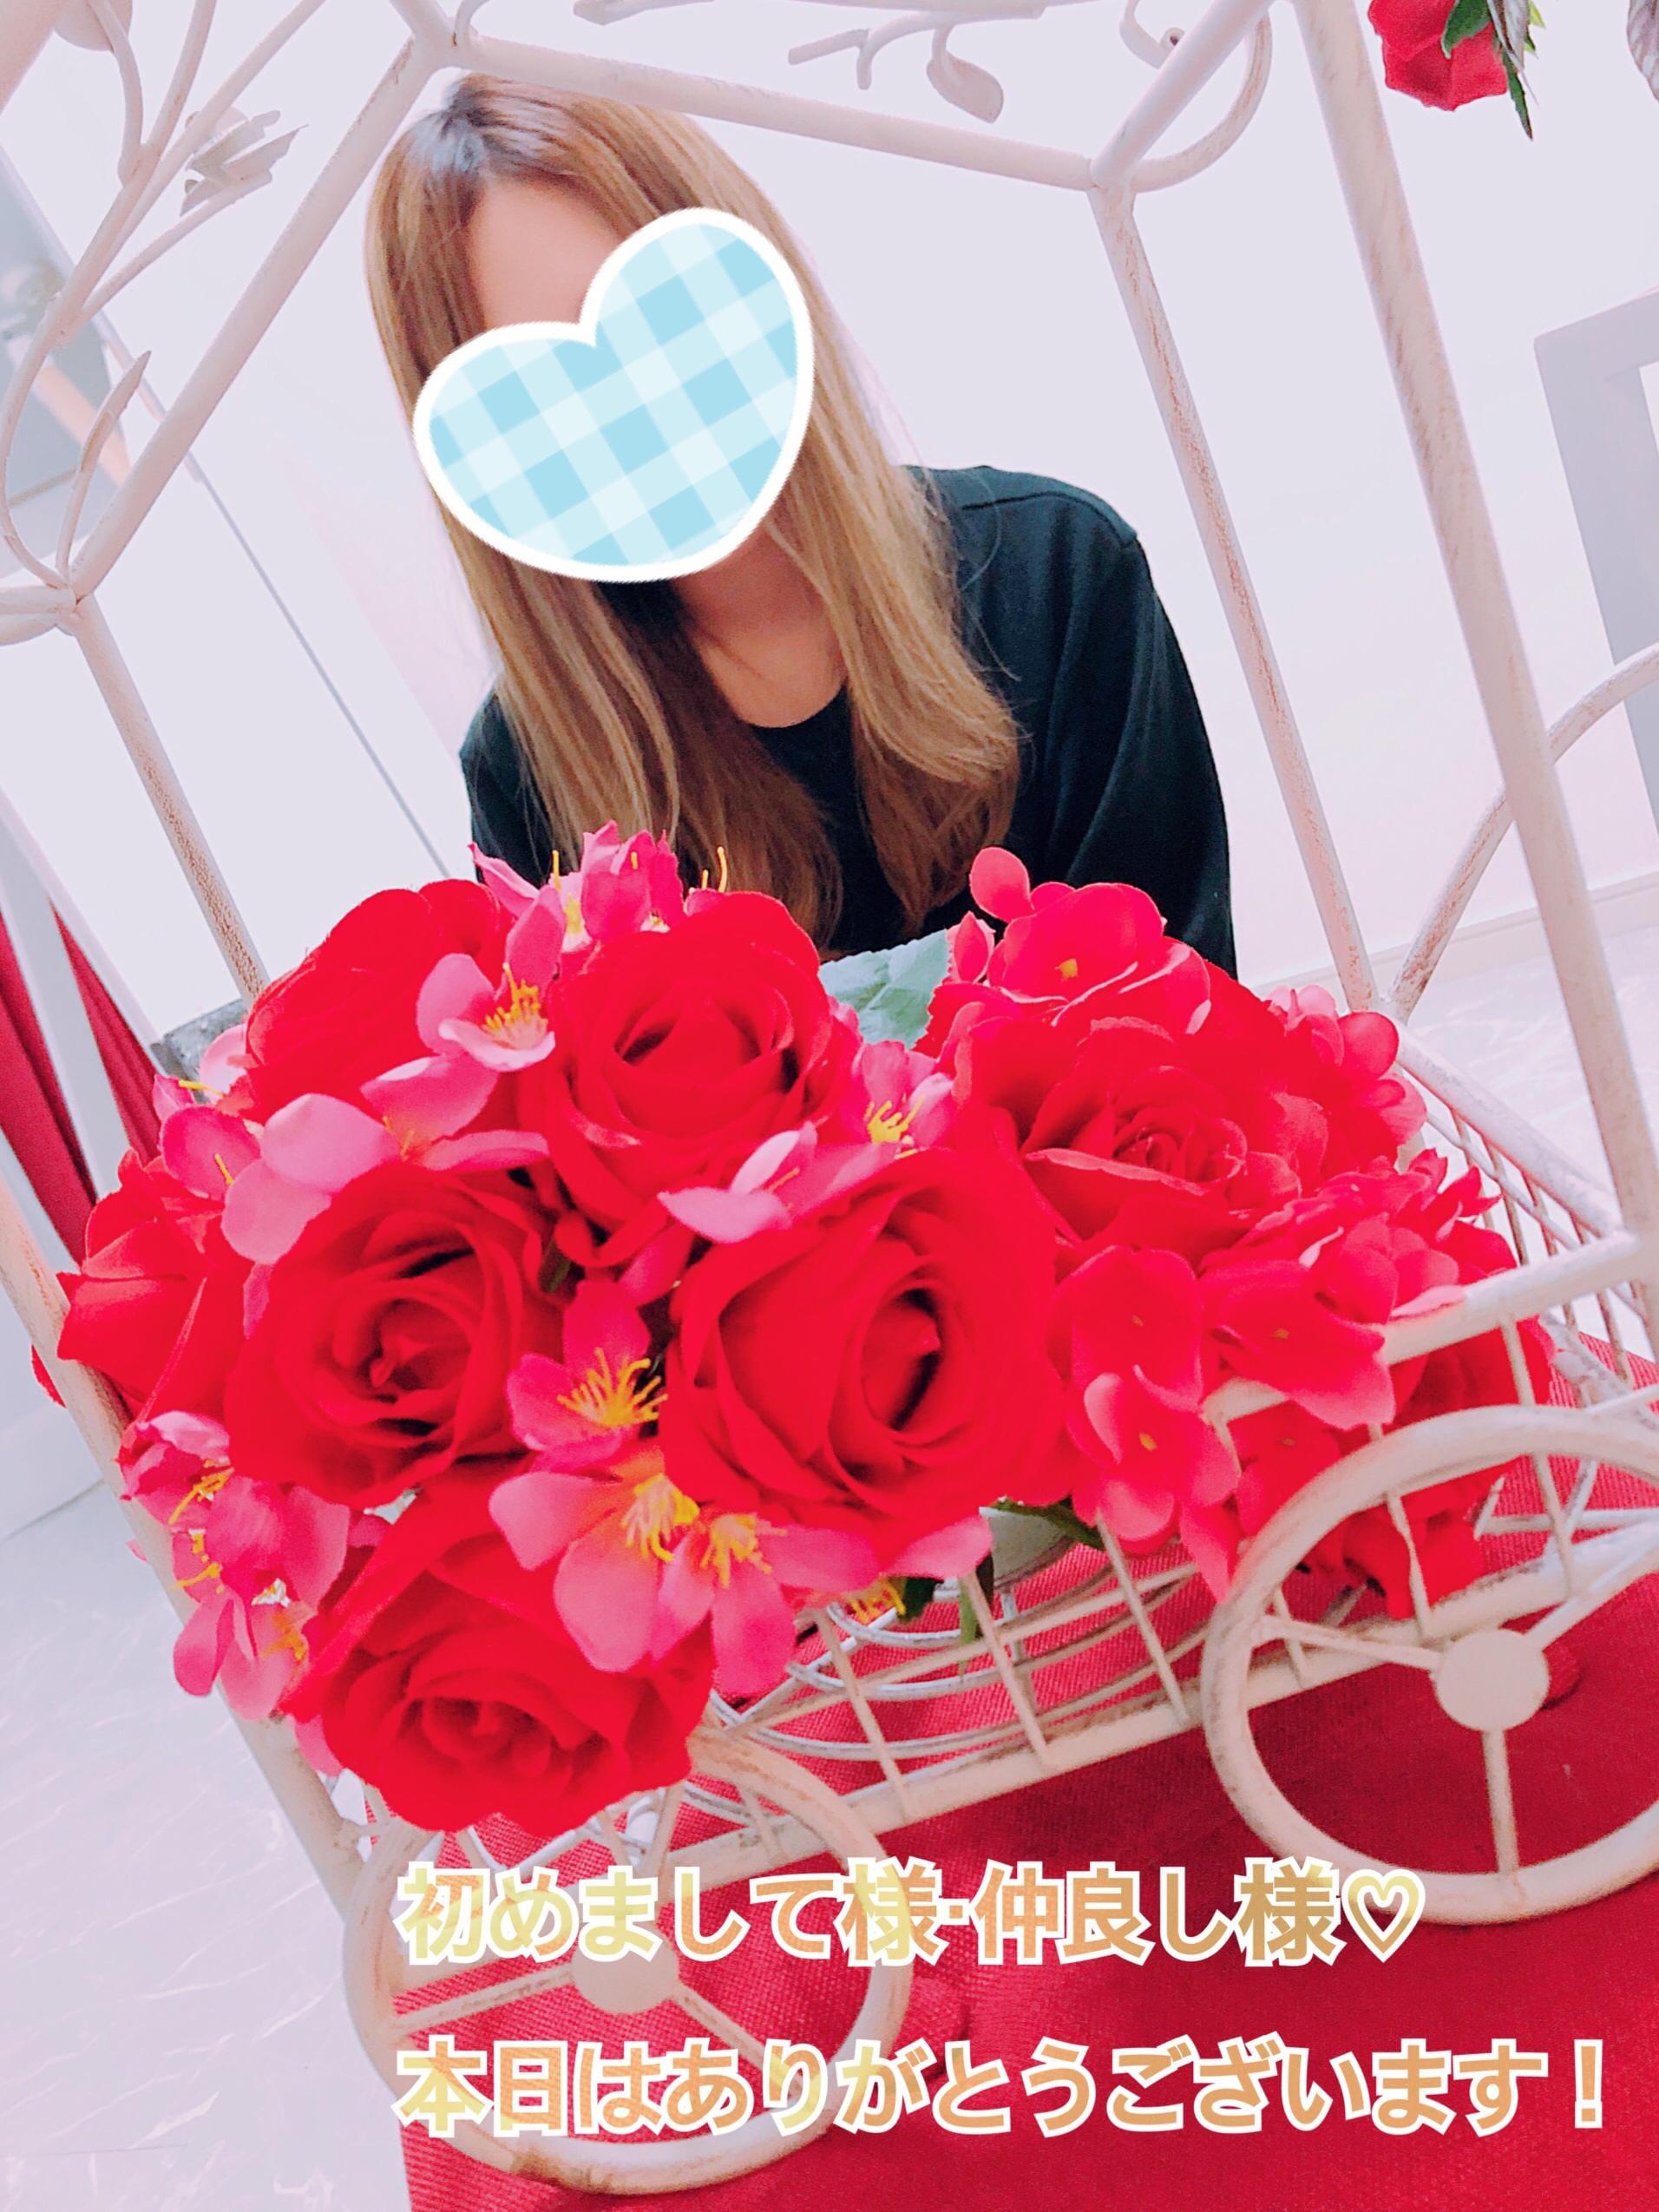 「aya_diary♪」09/14(金) 23:36 | あやの写メ・風俗動画